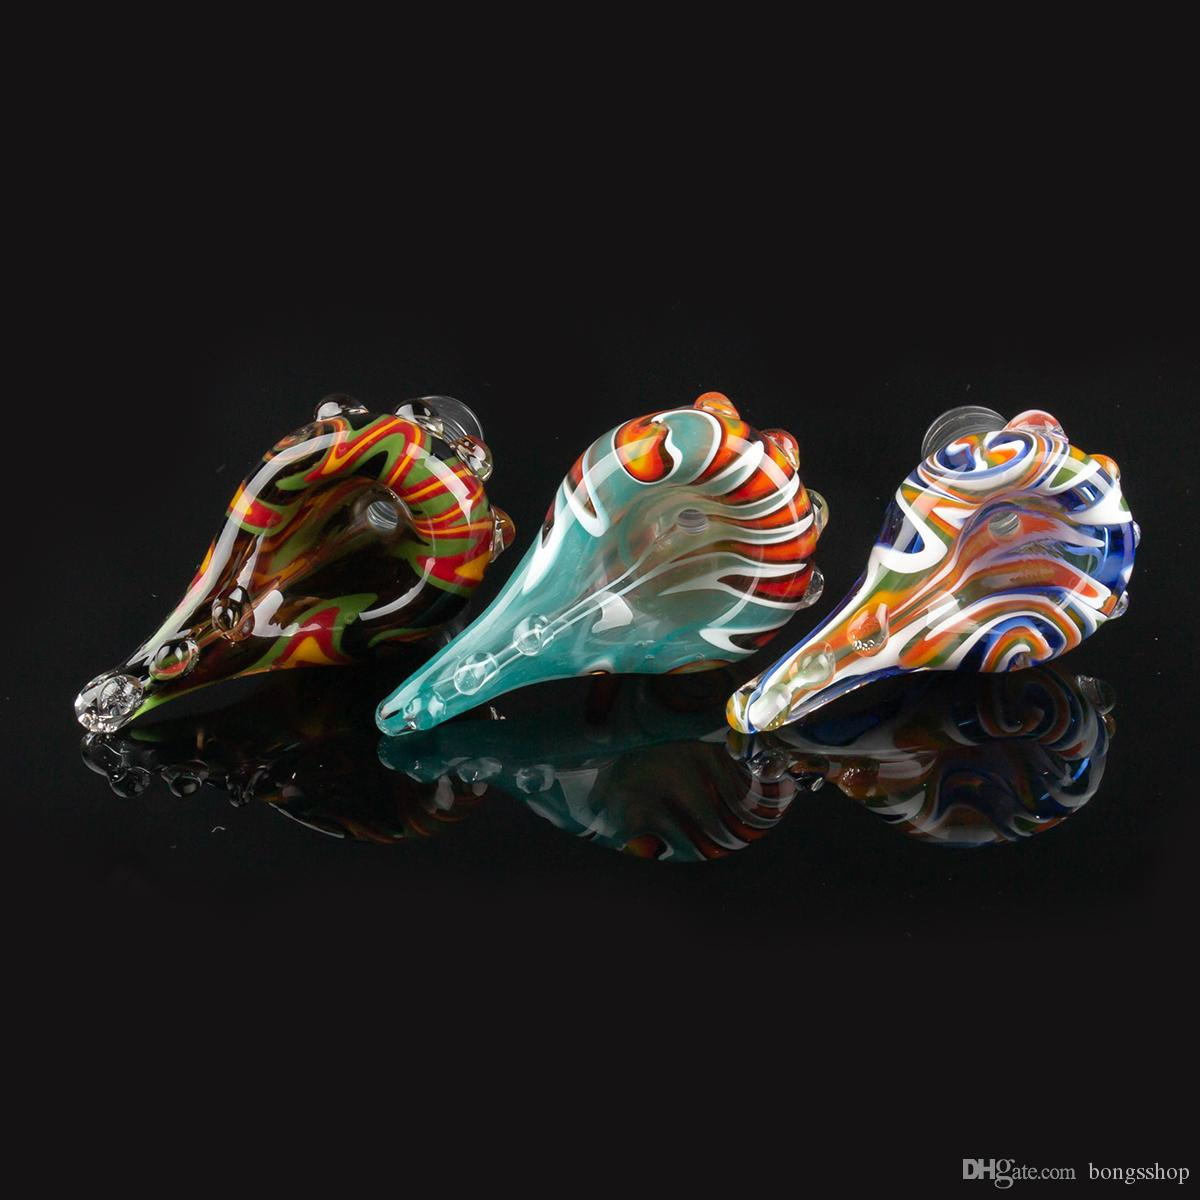 Популярные Красочные стеклянные чаши 14 мм 18 мм мужской прозрачный Совместный шар с головками стеклянные чаши кусок курительные принадлежности для стеклянных бонгов Dab Rigs